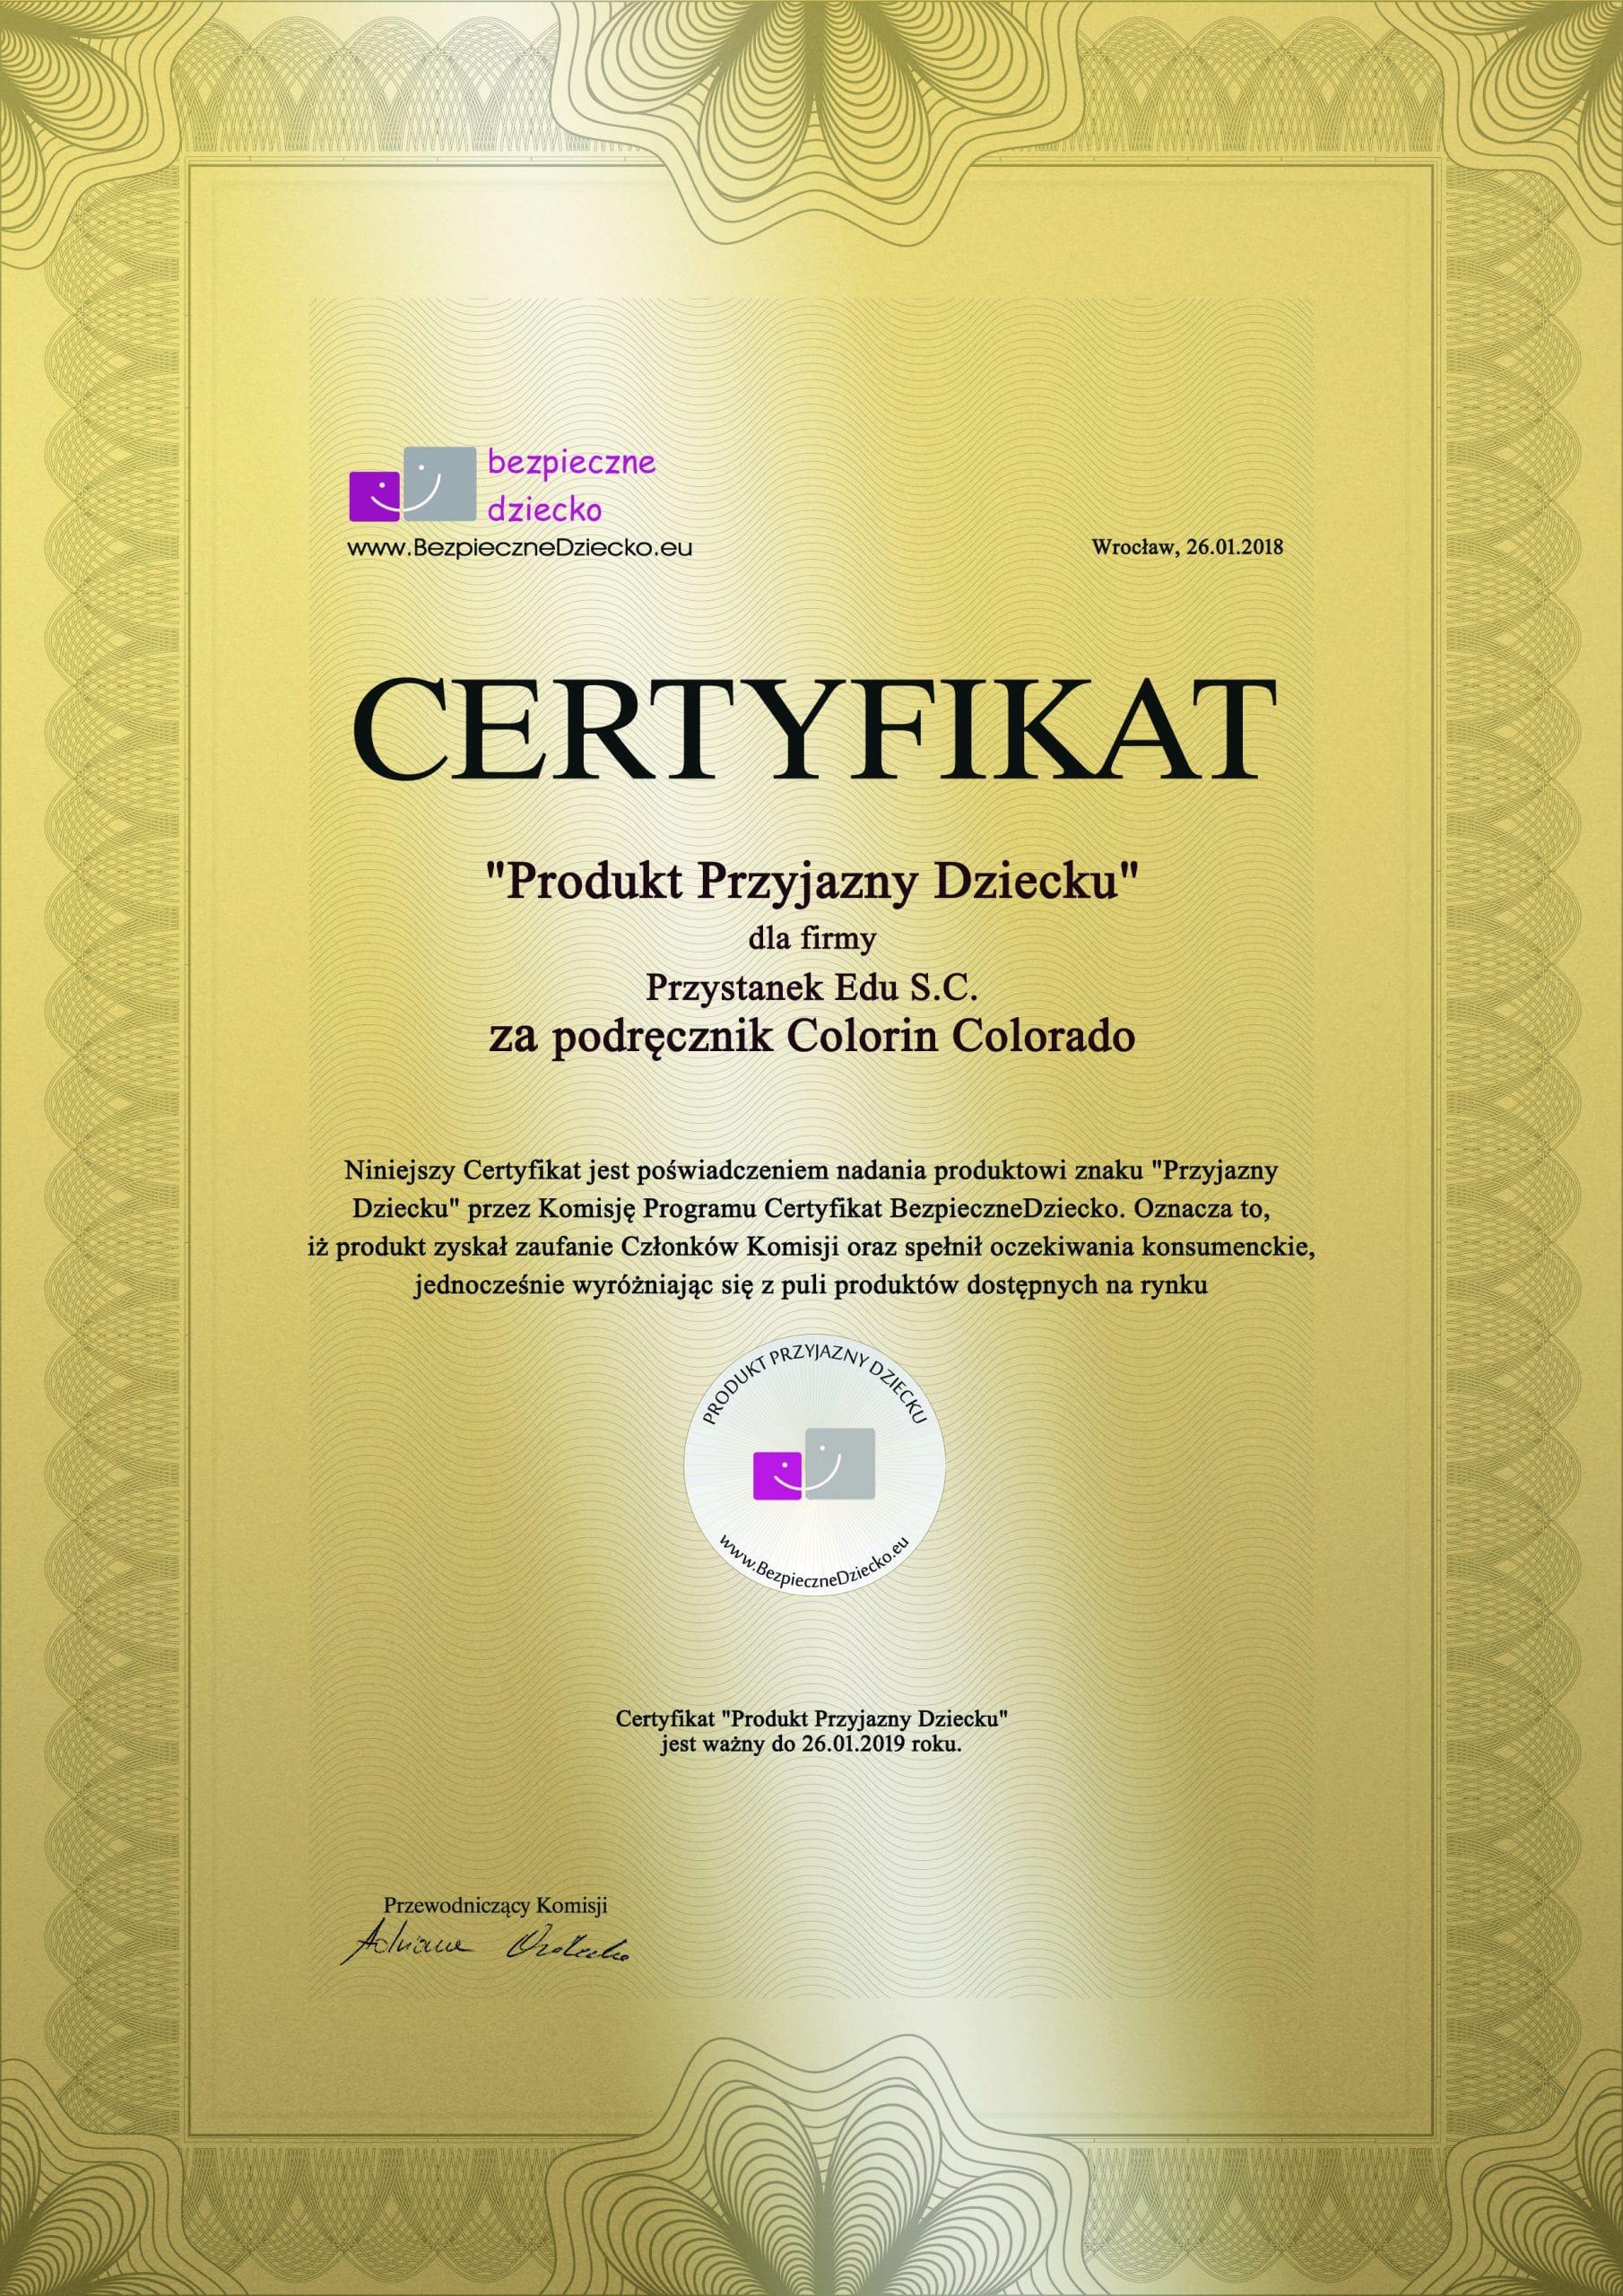 Certyfikat Produkt Przyjazny Dziecku